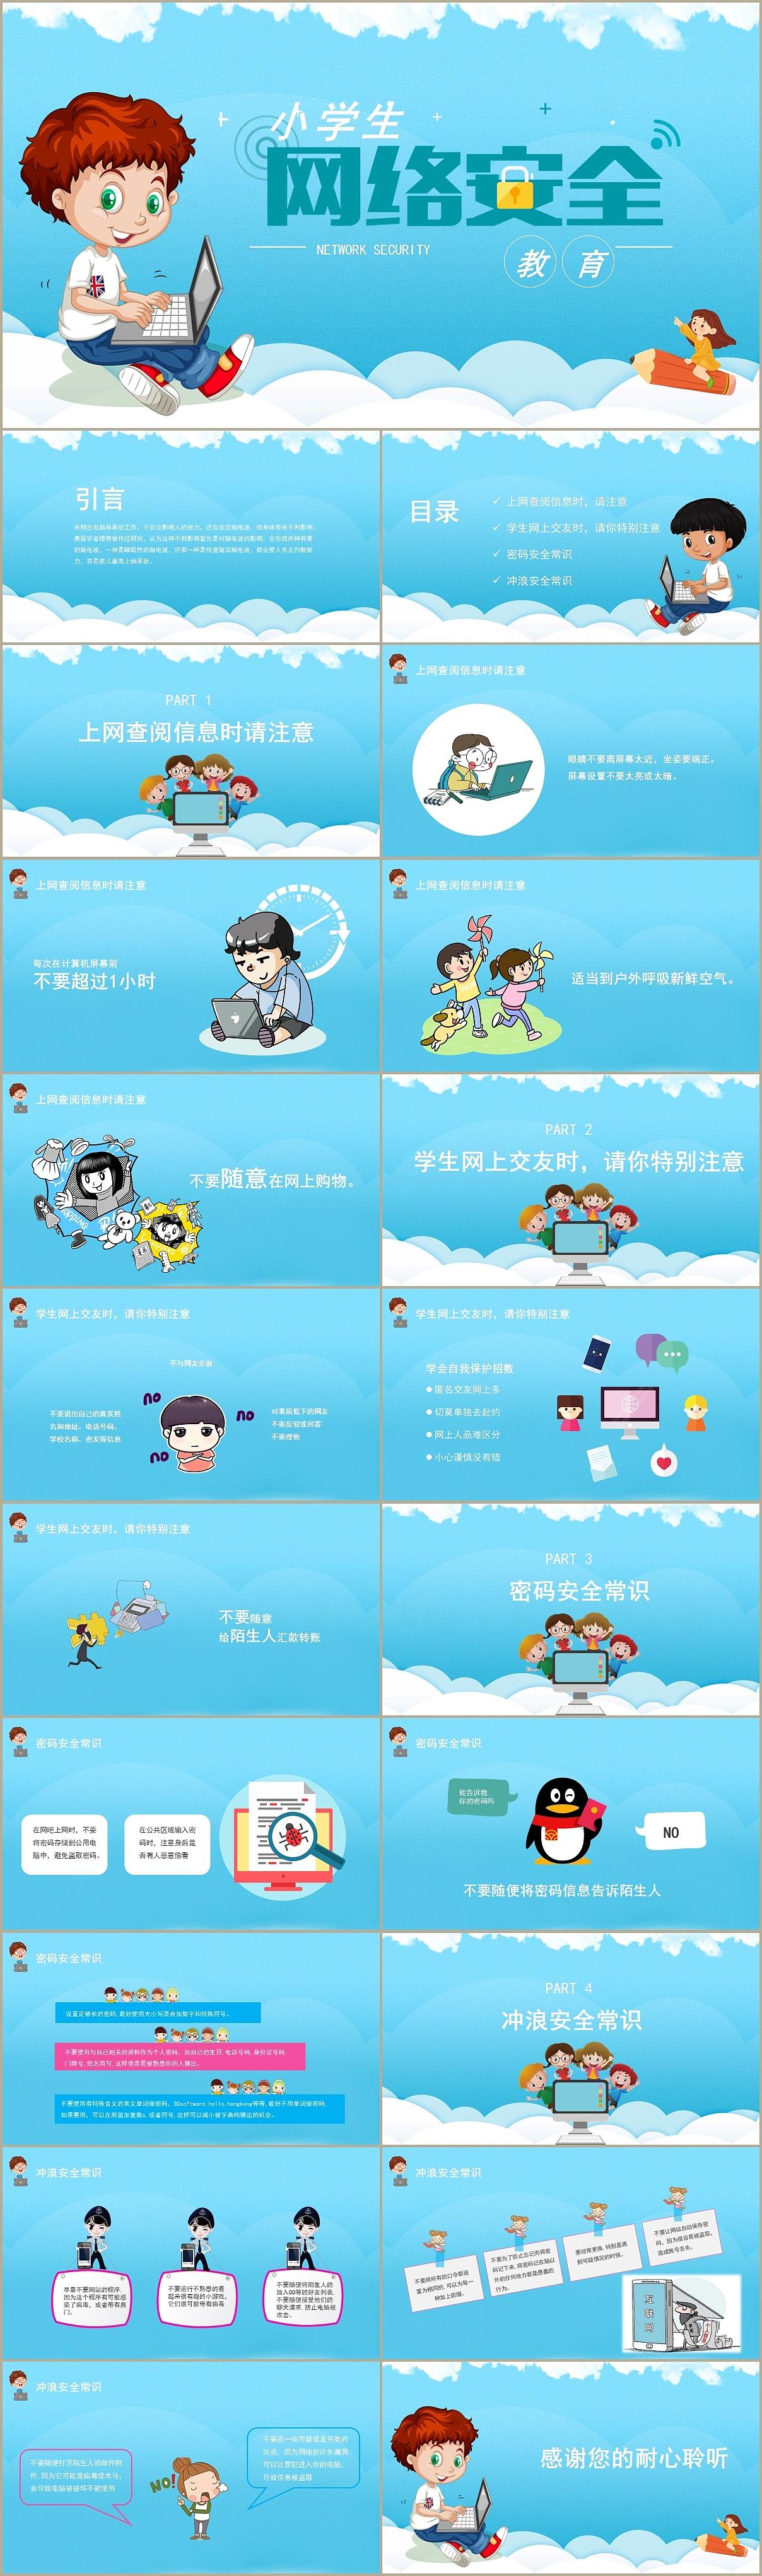 a模板卡通风中小学生网络安全教育培训模板ppt教案一起来玩形状游戏课件图片